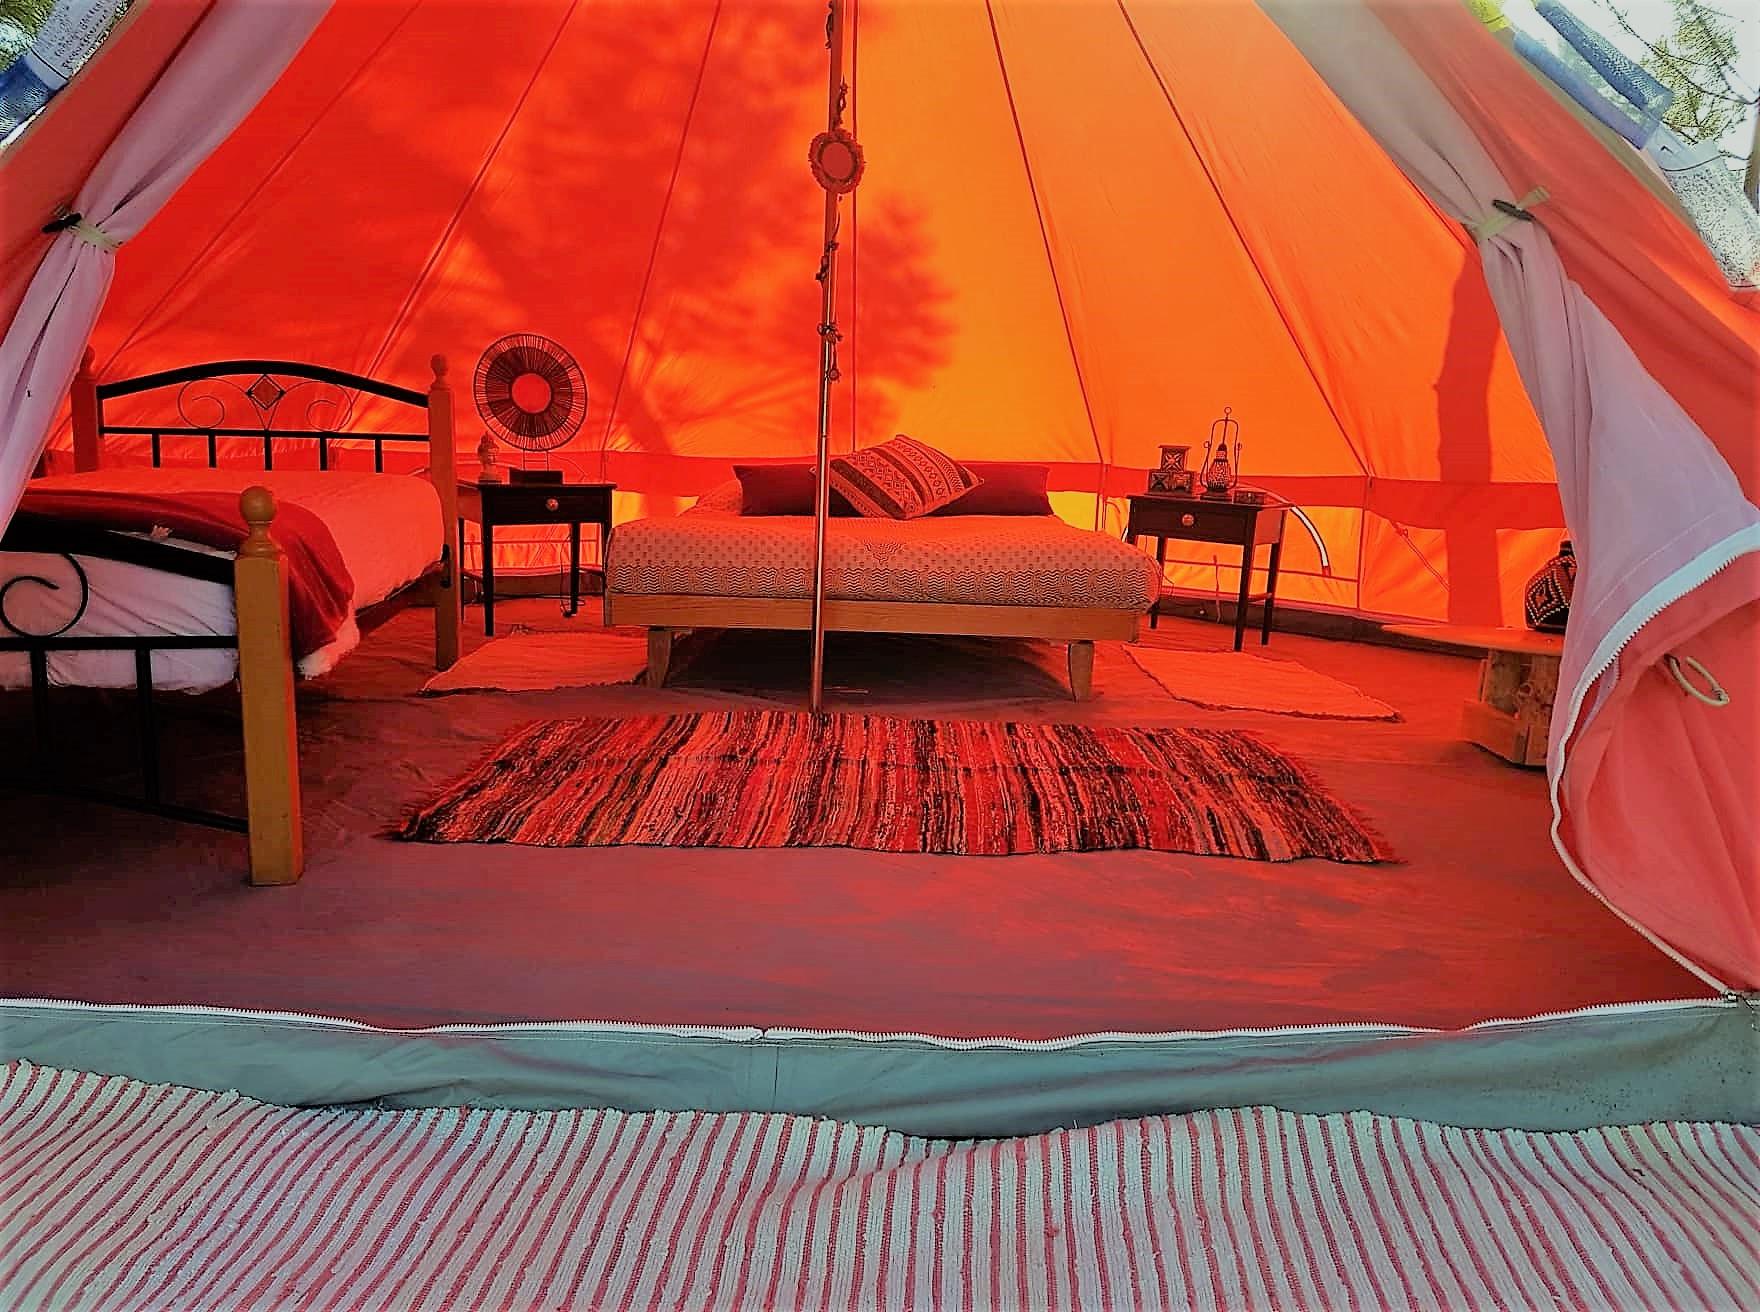 Coral Musa Tent Tenten te Huur in Aljezur, Faro, Portugal